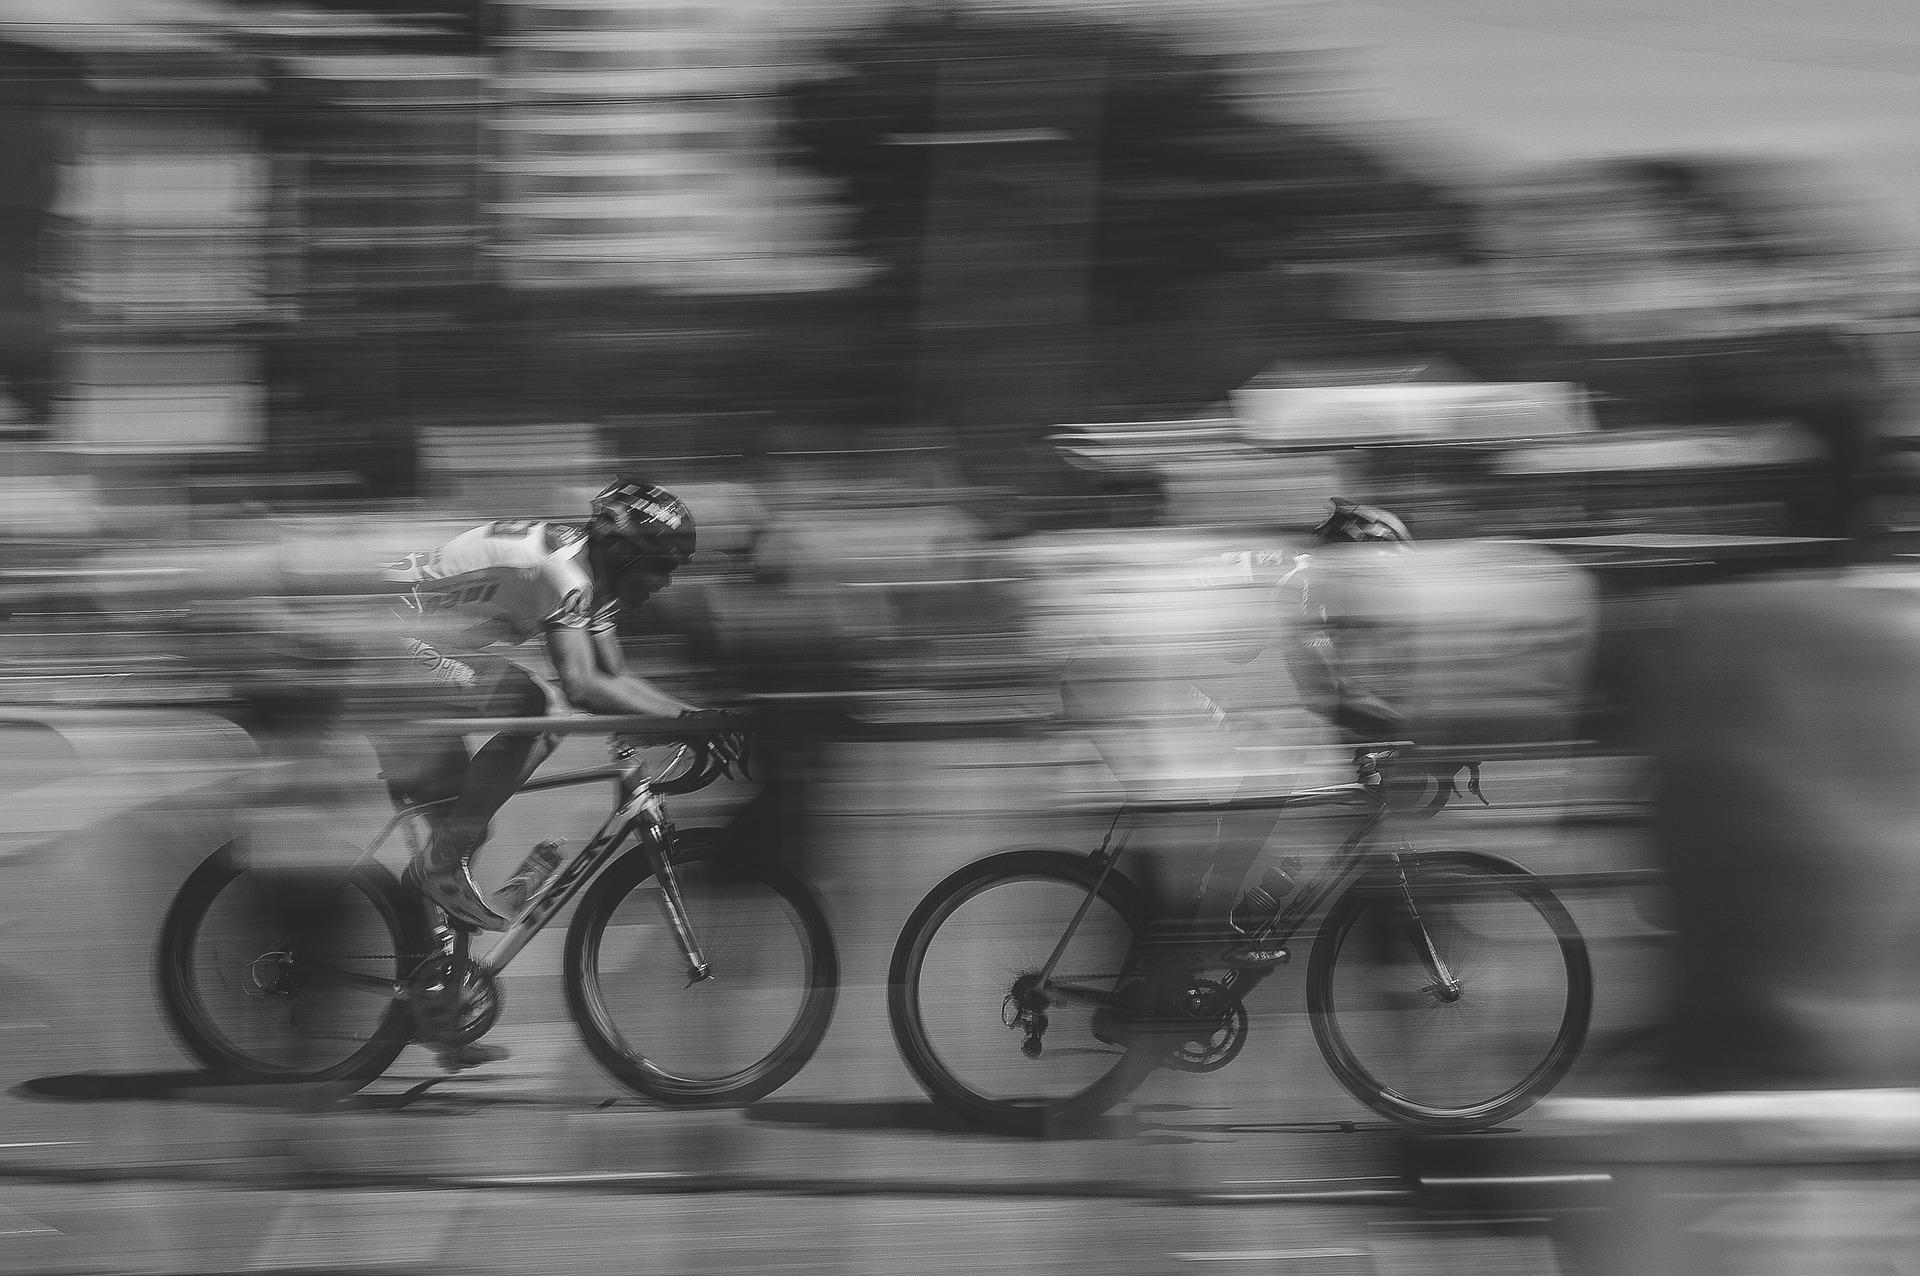 Opanuj zakręt na rowerze szosowym, aby poprawić swoje umiejętności